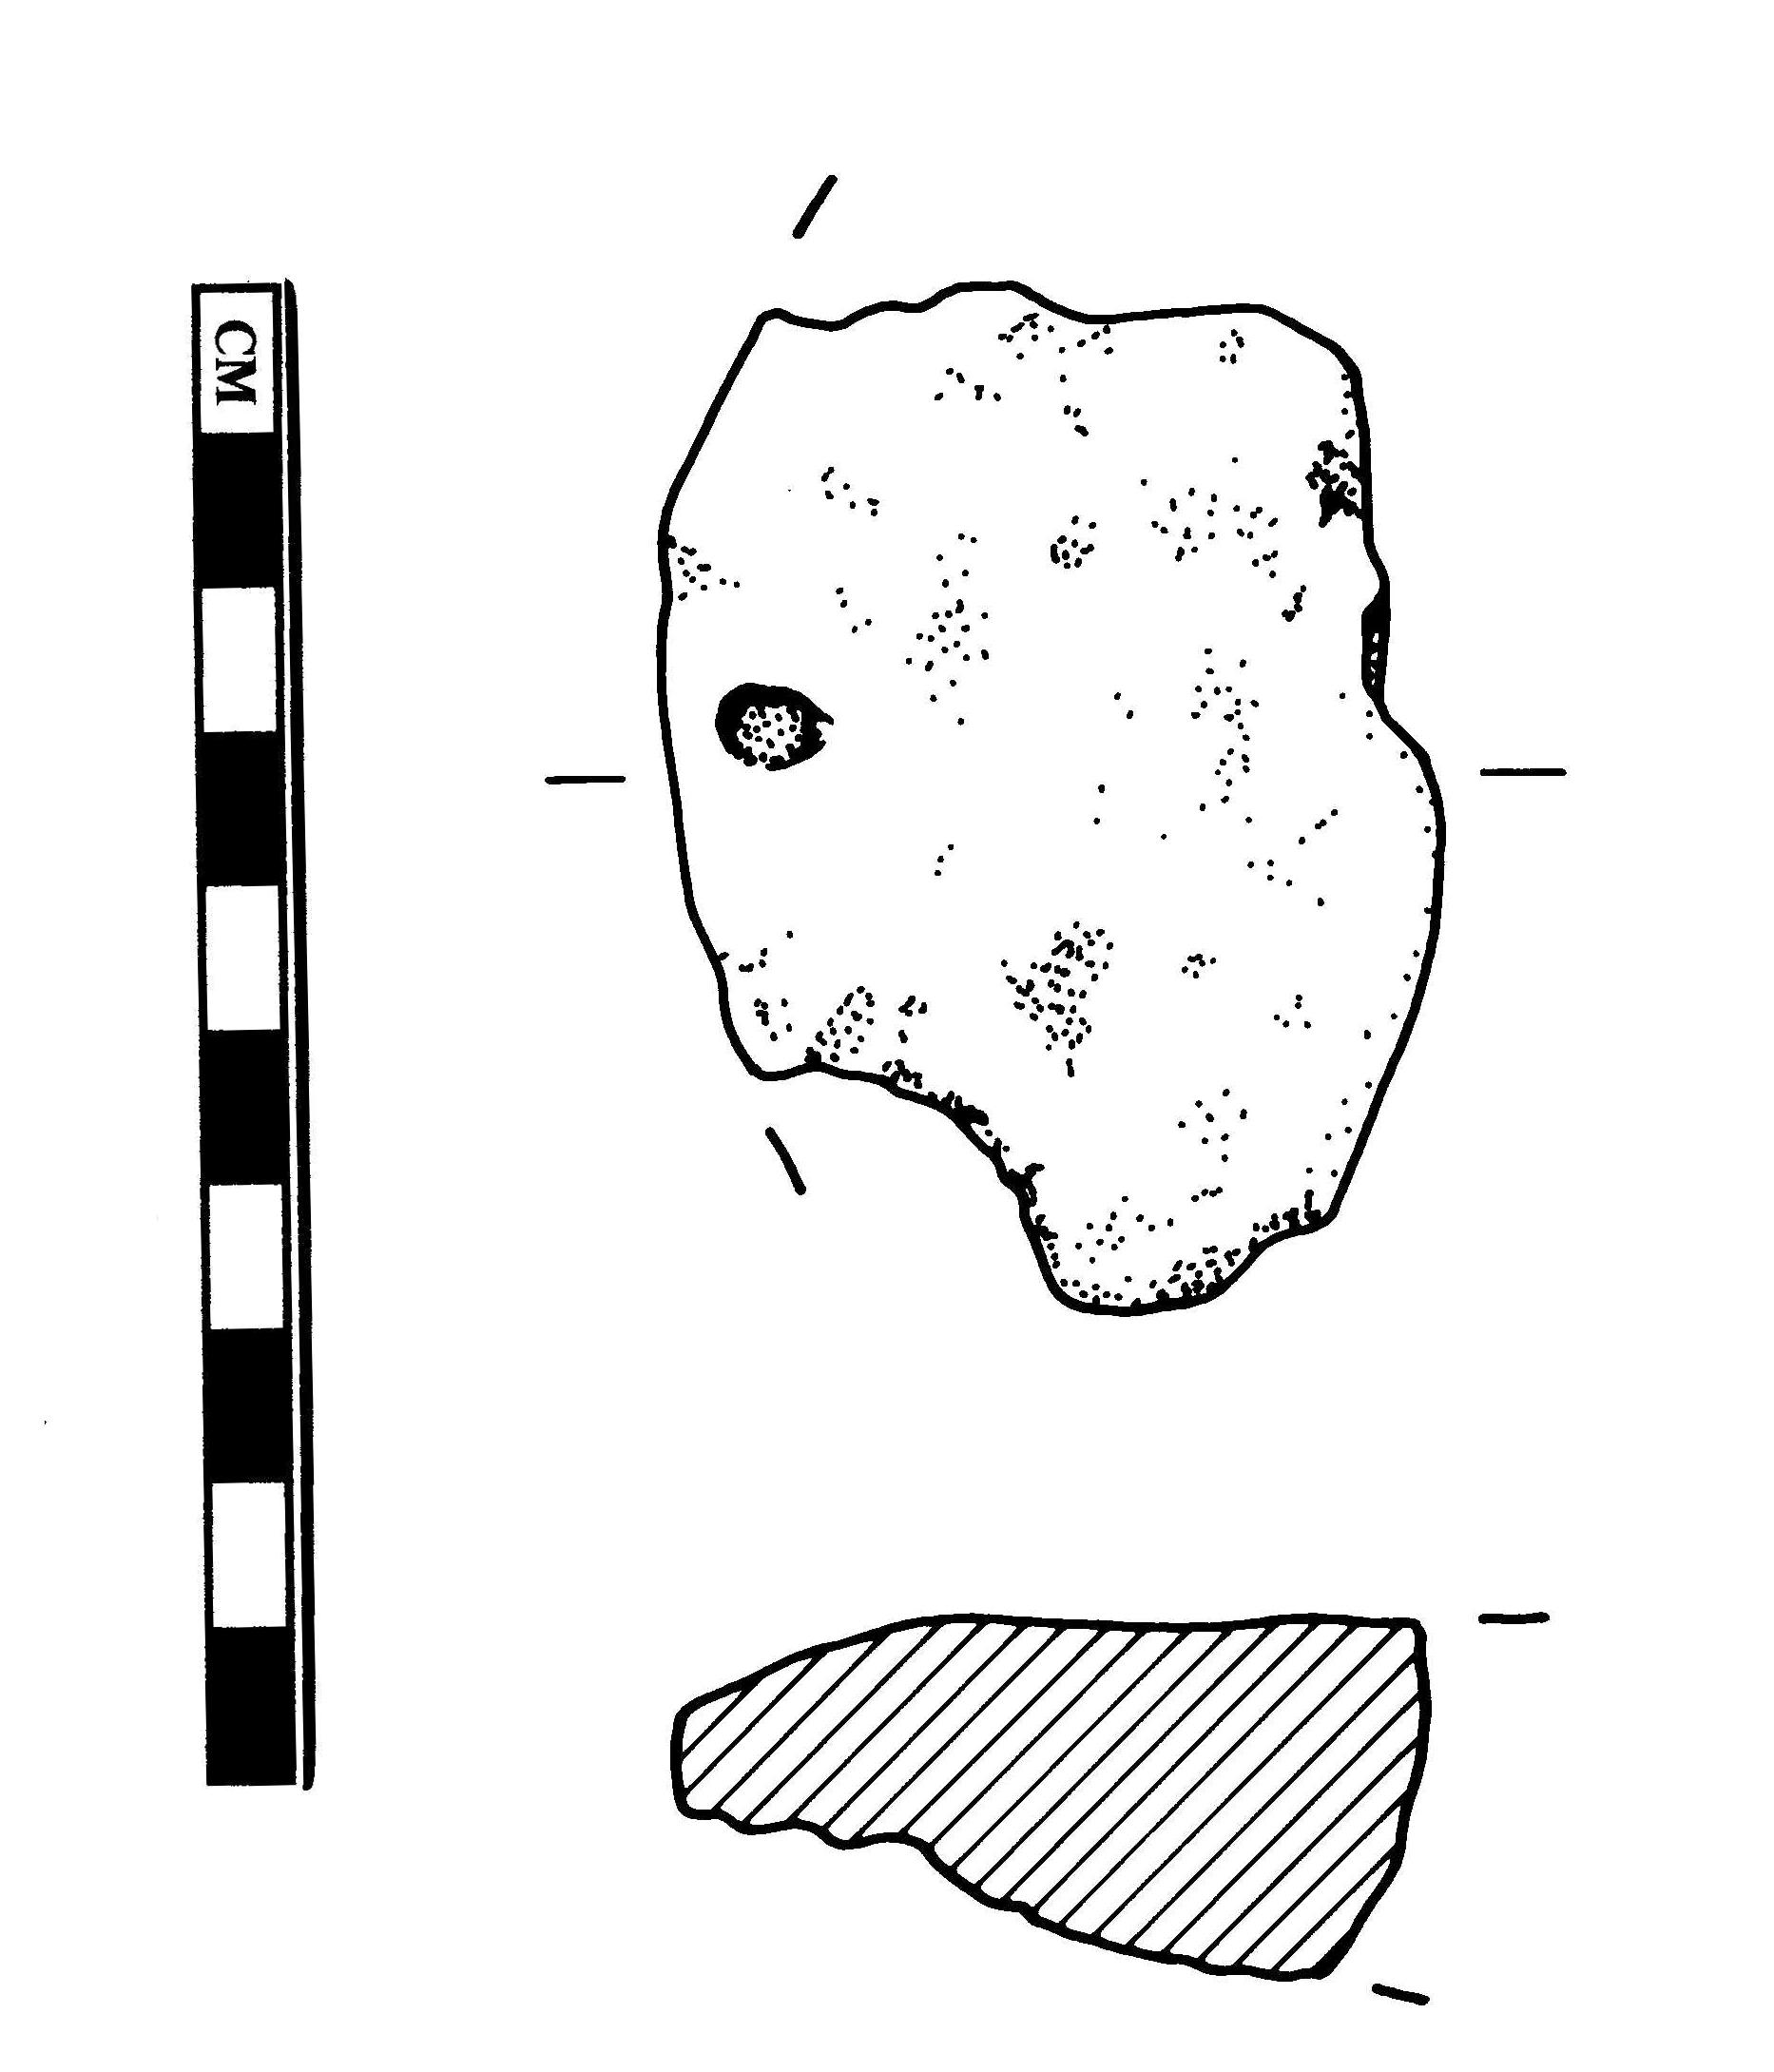 1866x2179 Fileess 009610 Bronze Age Hoard, Ingot (2) Drawing By Sue Holden